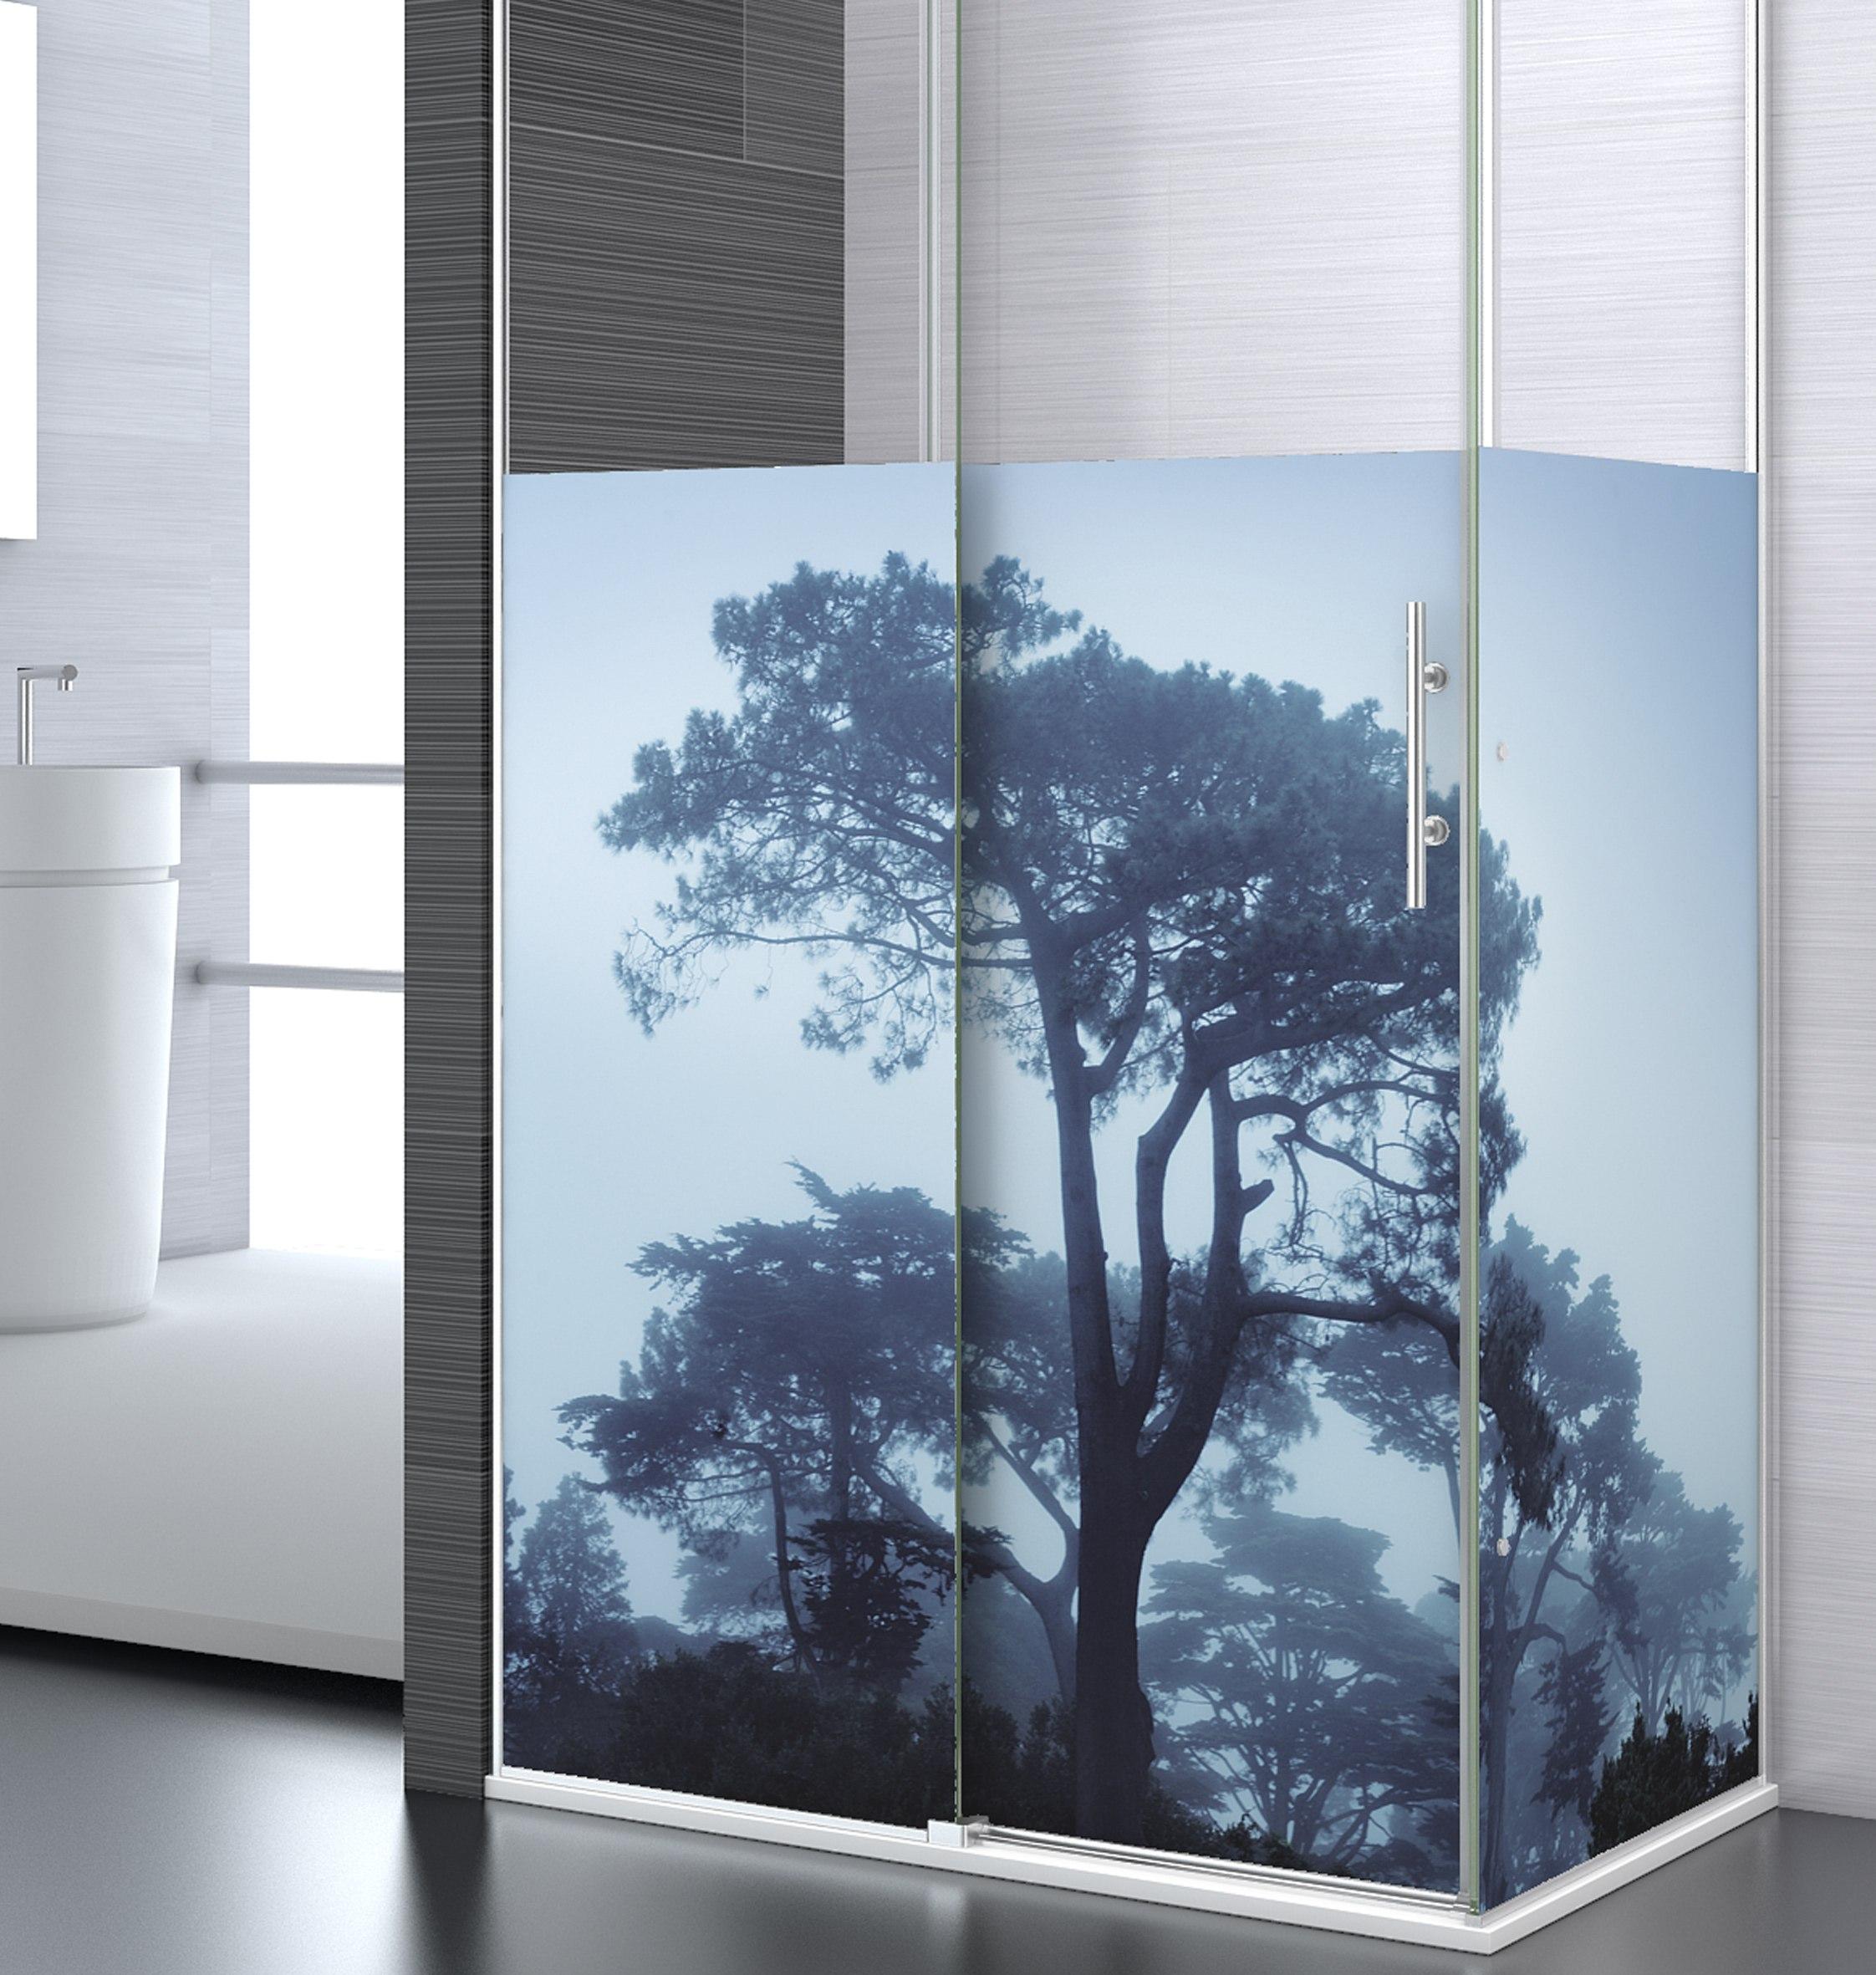 Impresiones Digitales Muebles De Cocina Y Ba O Online En Madrid  # Muebles Digitales